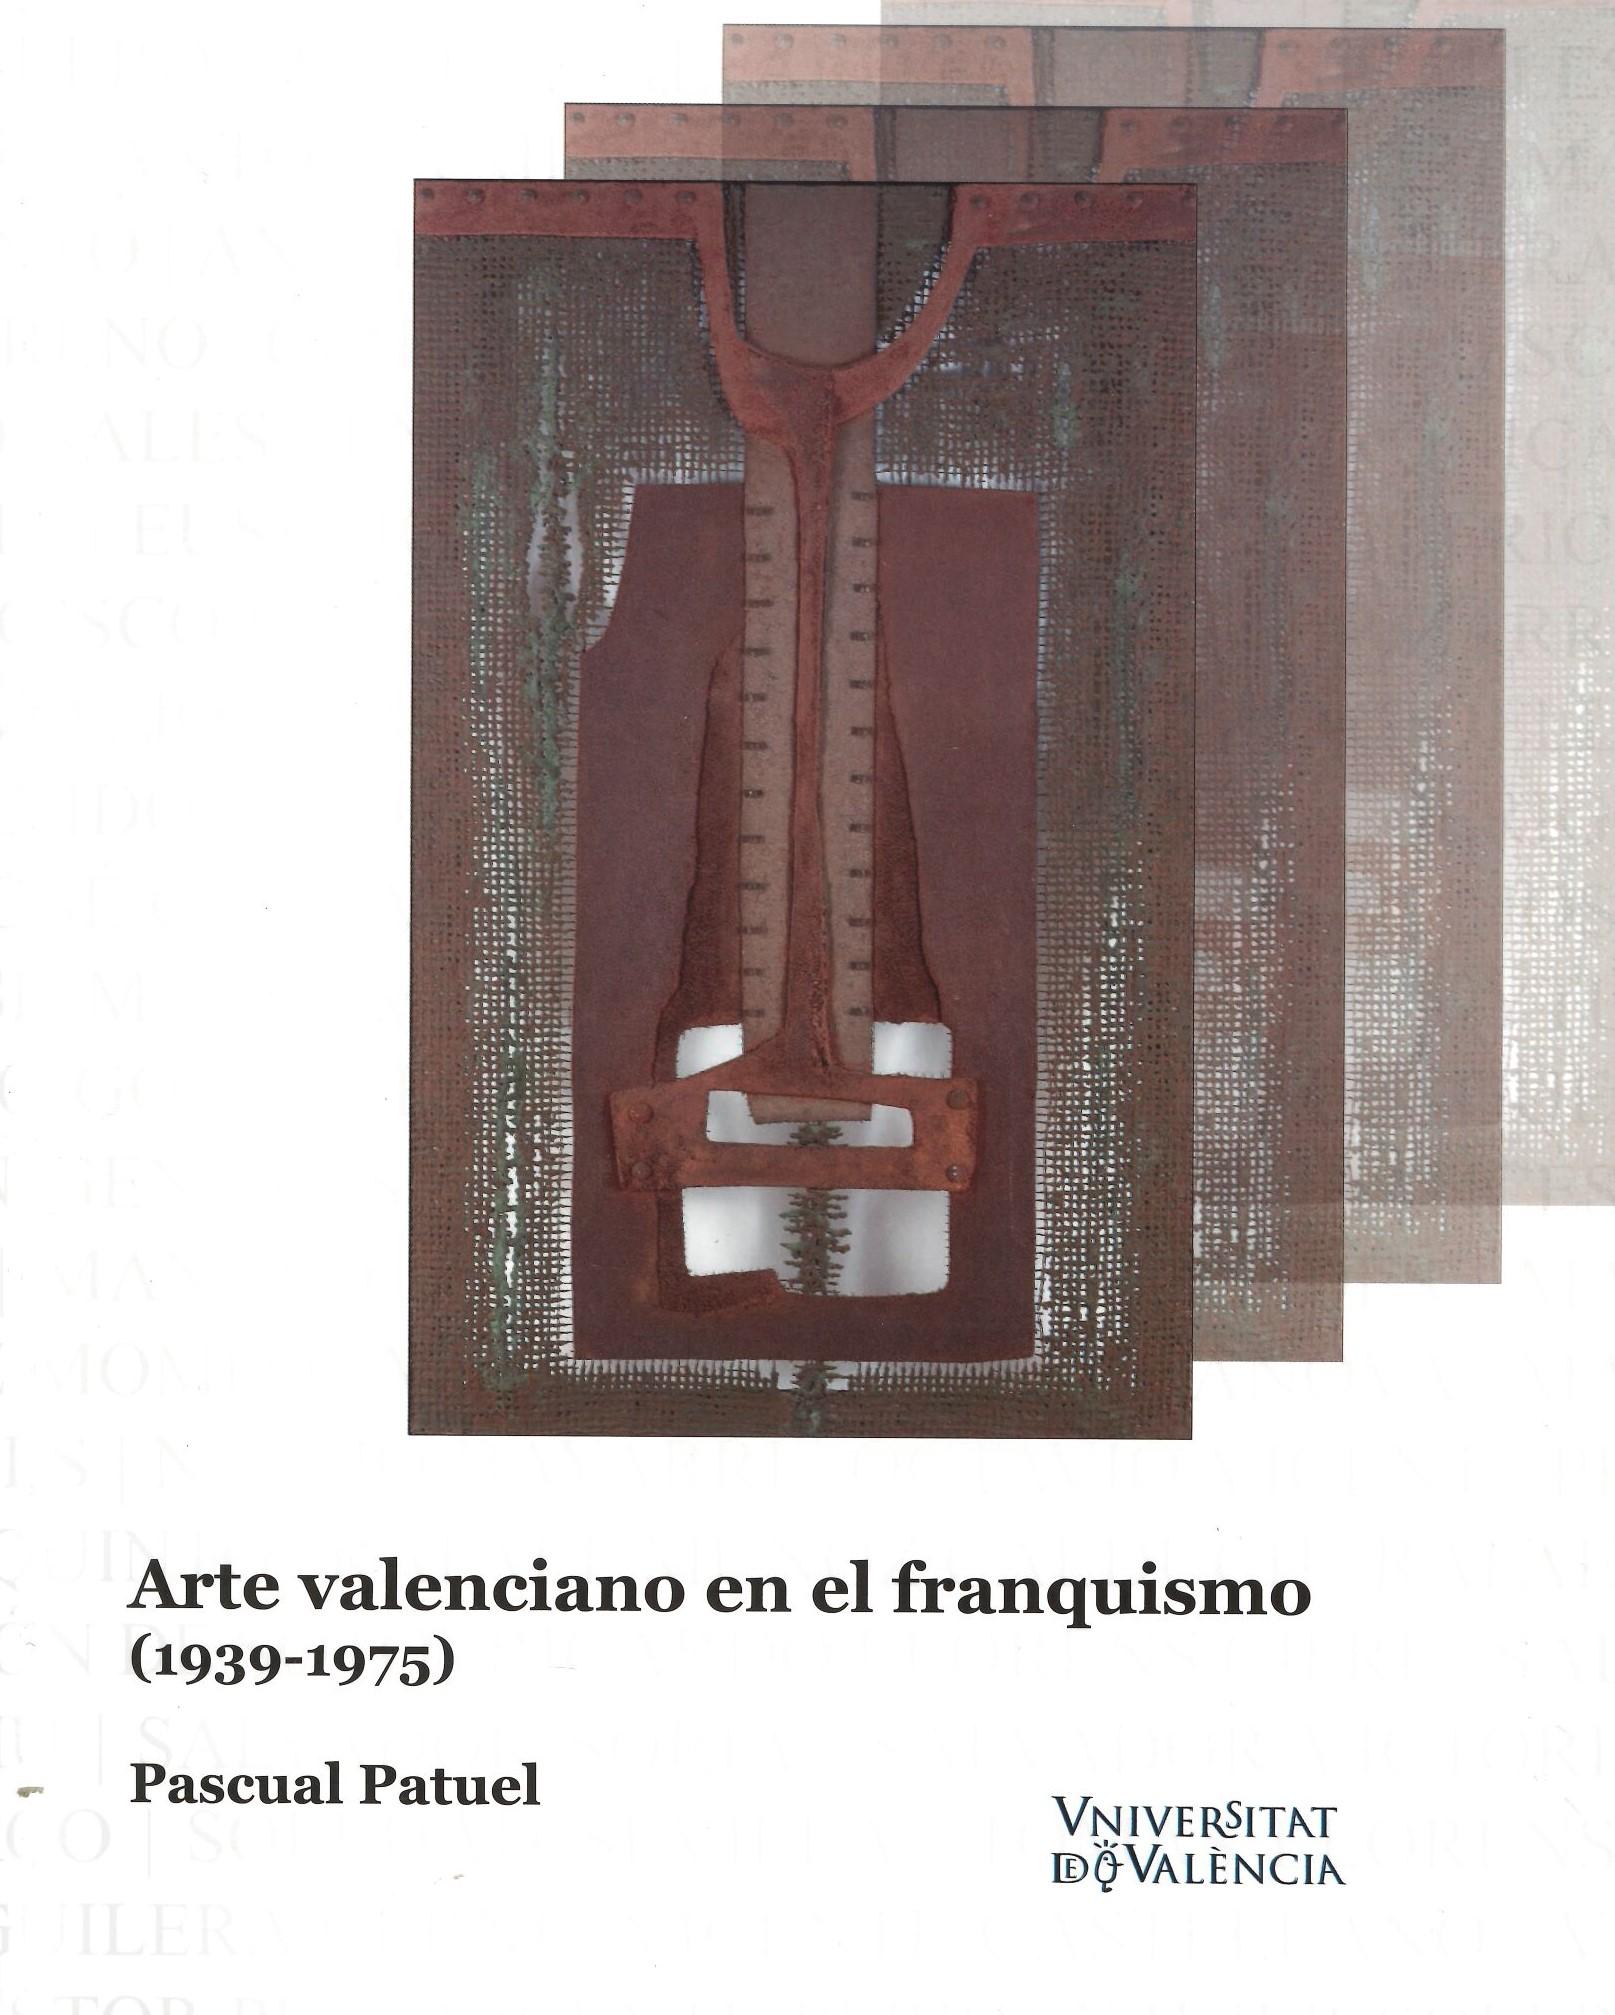 arte_valenciano_franquismo.jpg